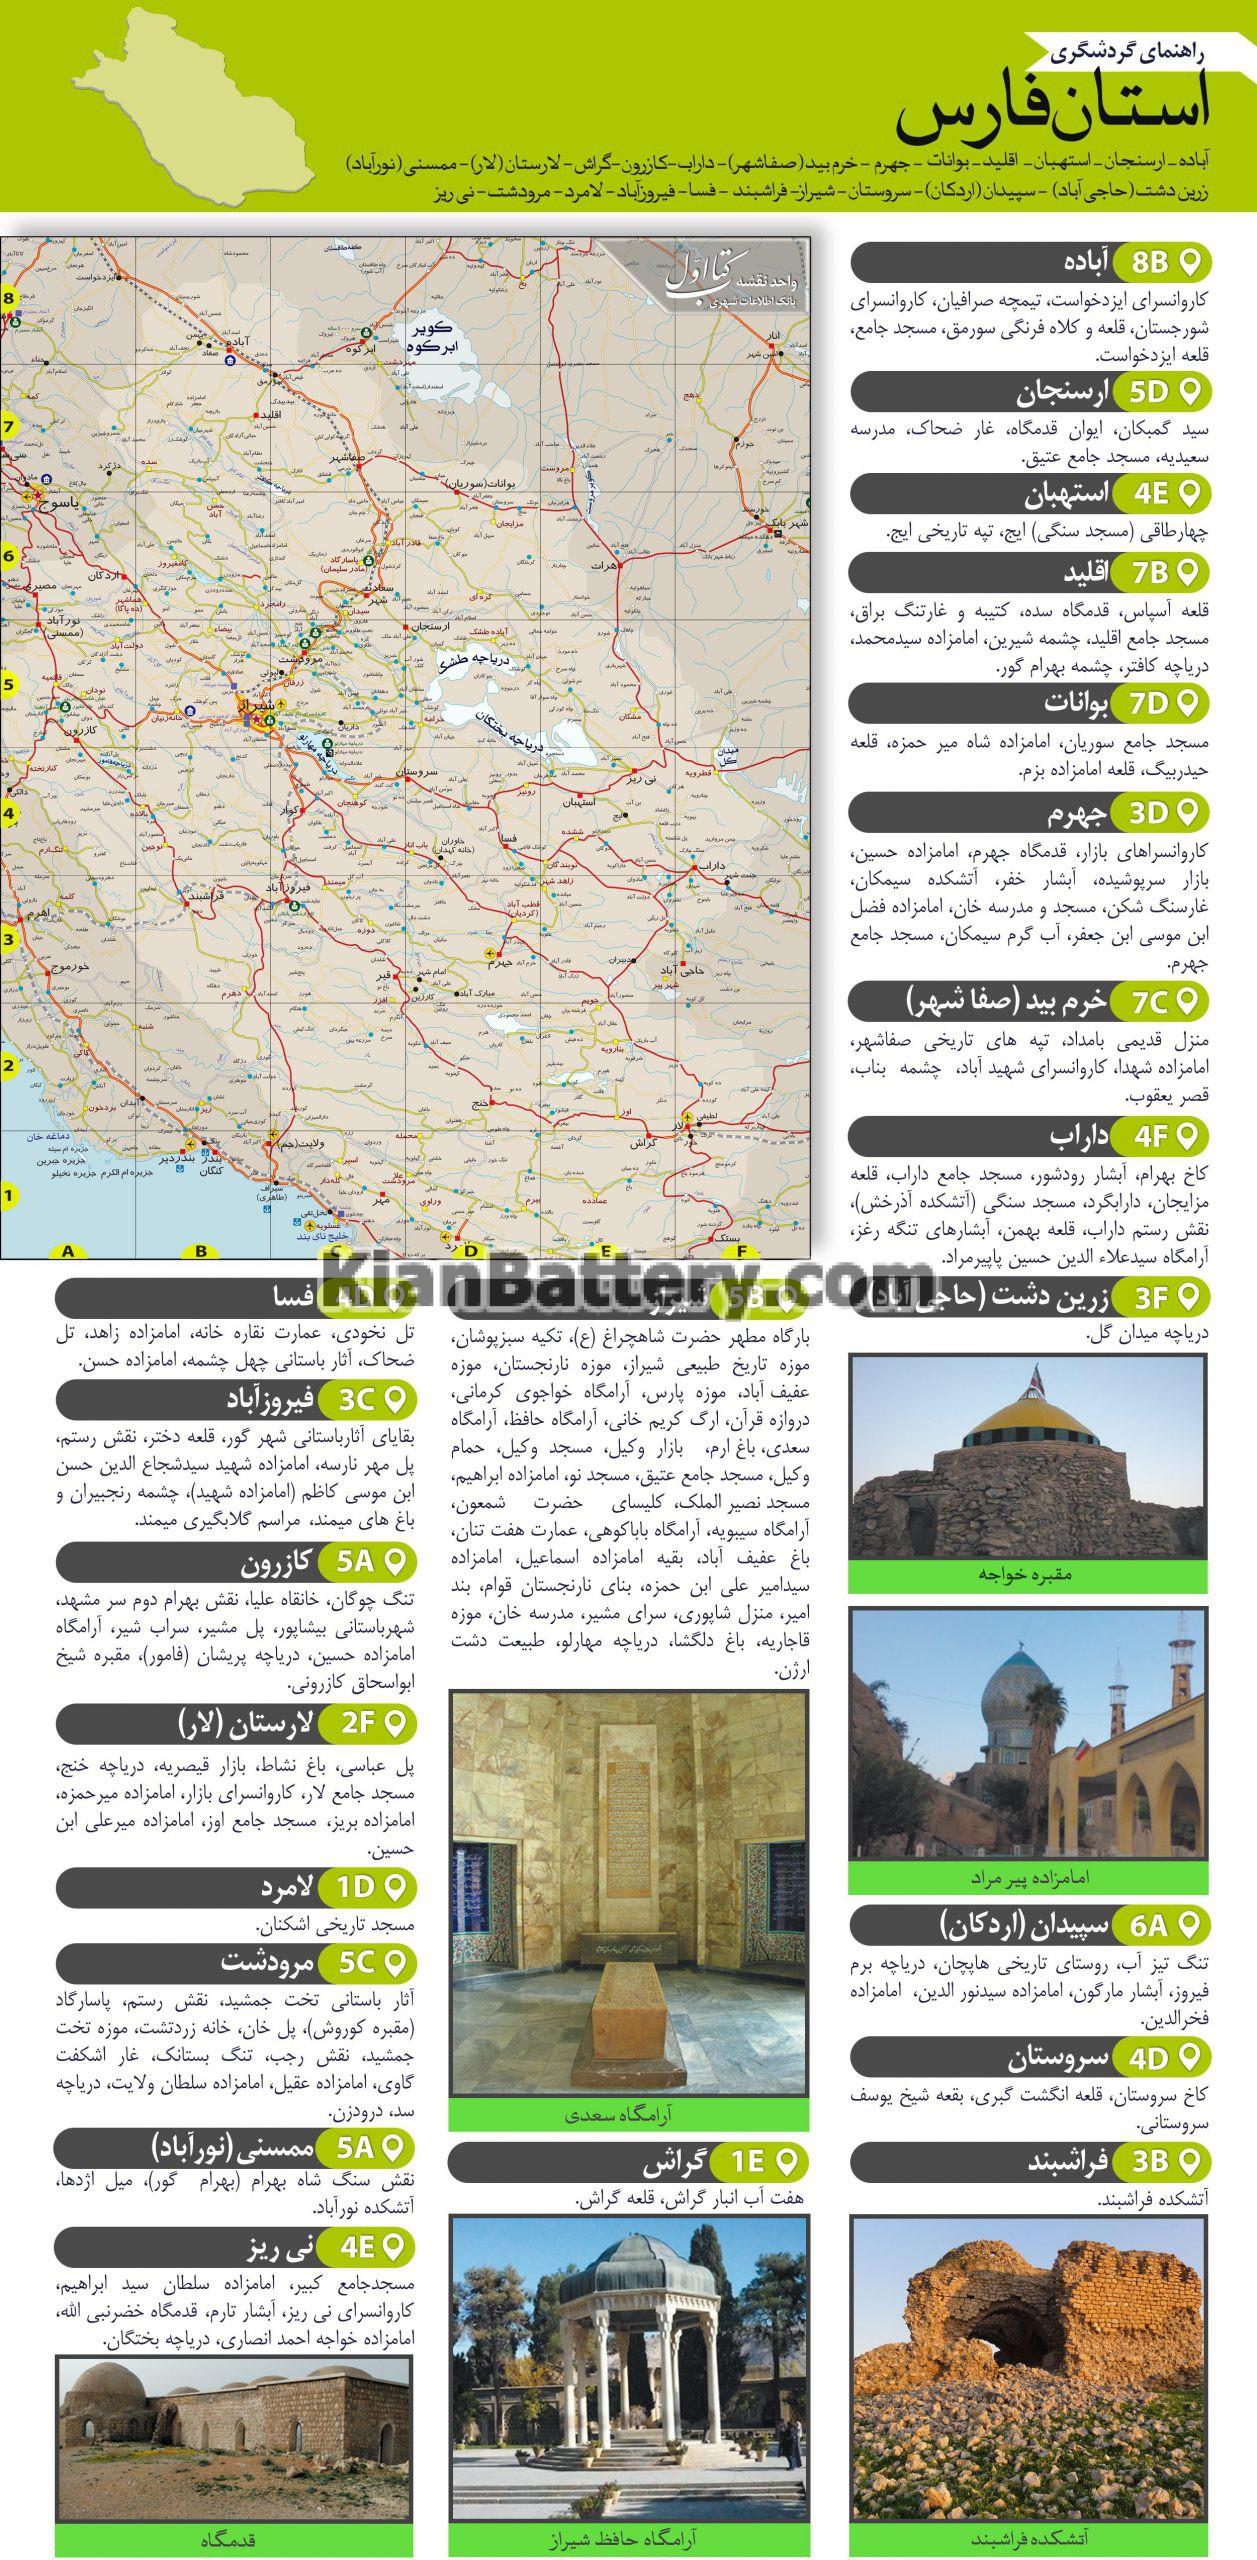 فارس scaled راهنمای سفر به شیراز در استان فارس